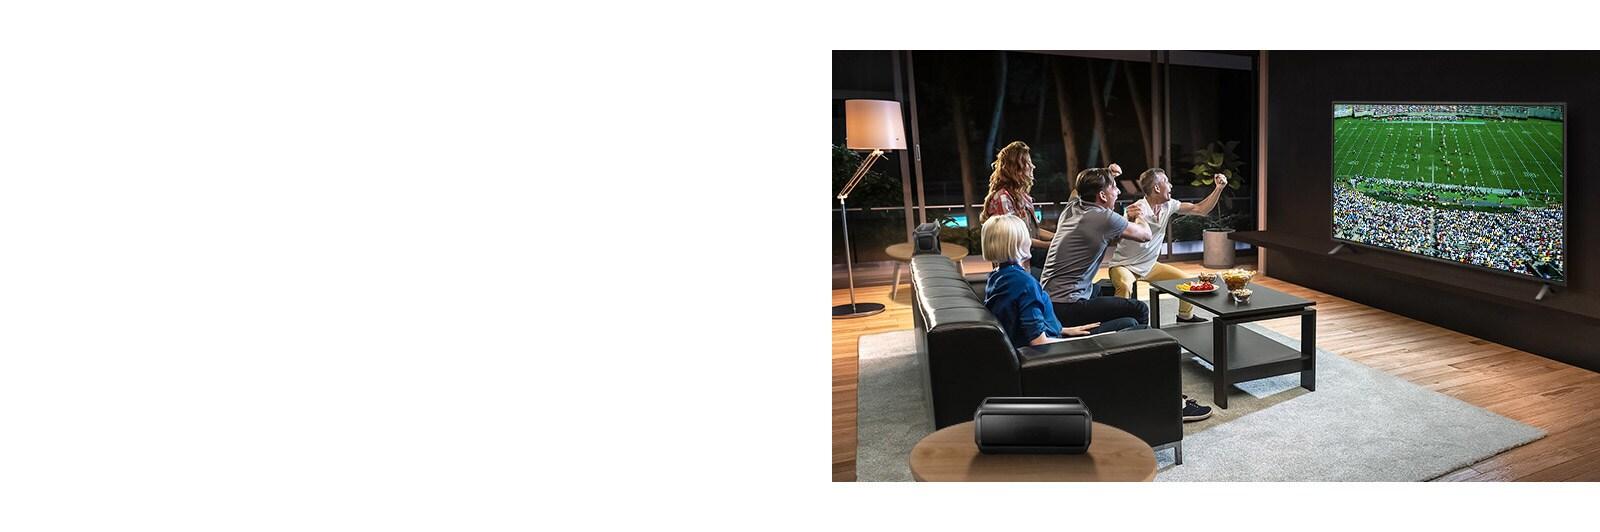 אנשים צופים במשחק בטלוויזיה בסלון עם רמקולי Bluetooth אחוריים.